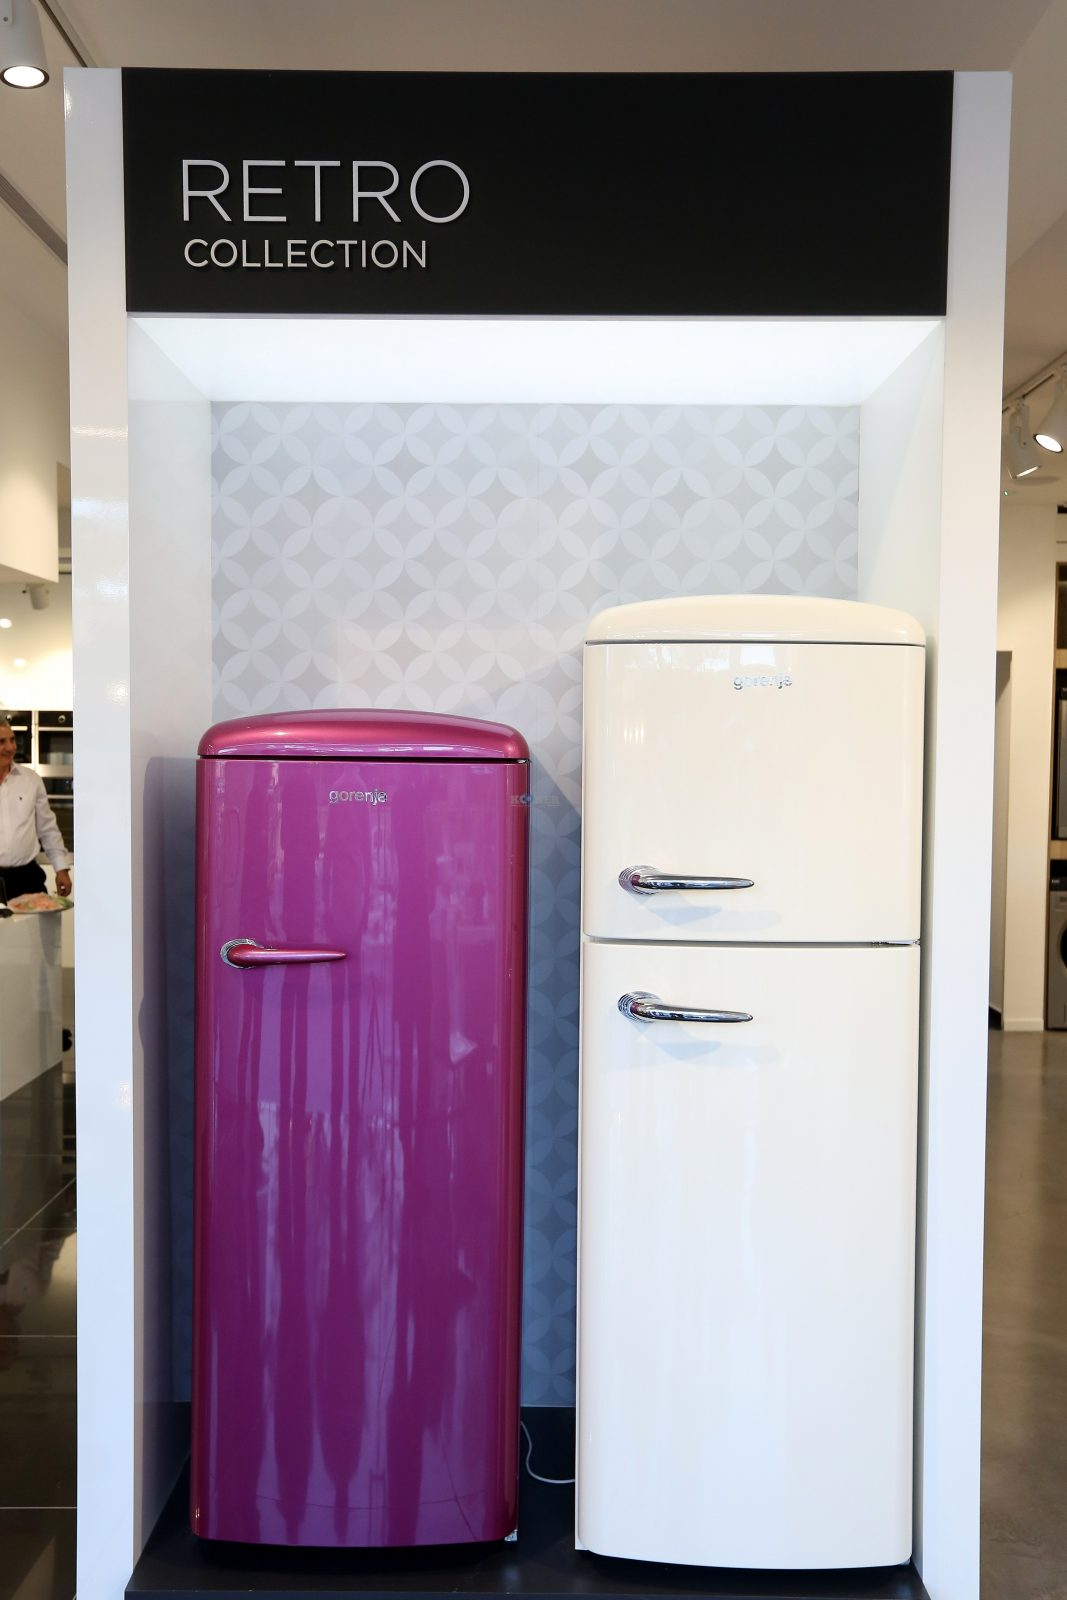 מוצרי חשמל למטבח- תנור, , מקרר, כיריים (3)צילום יחצ